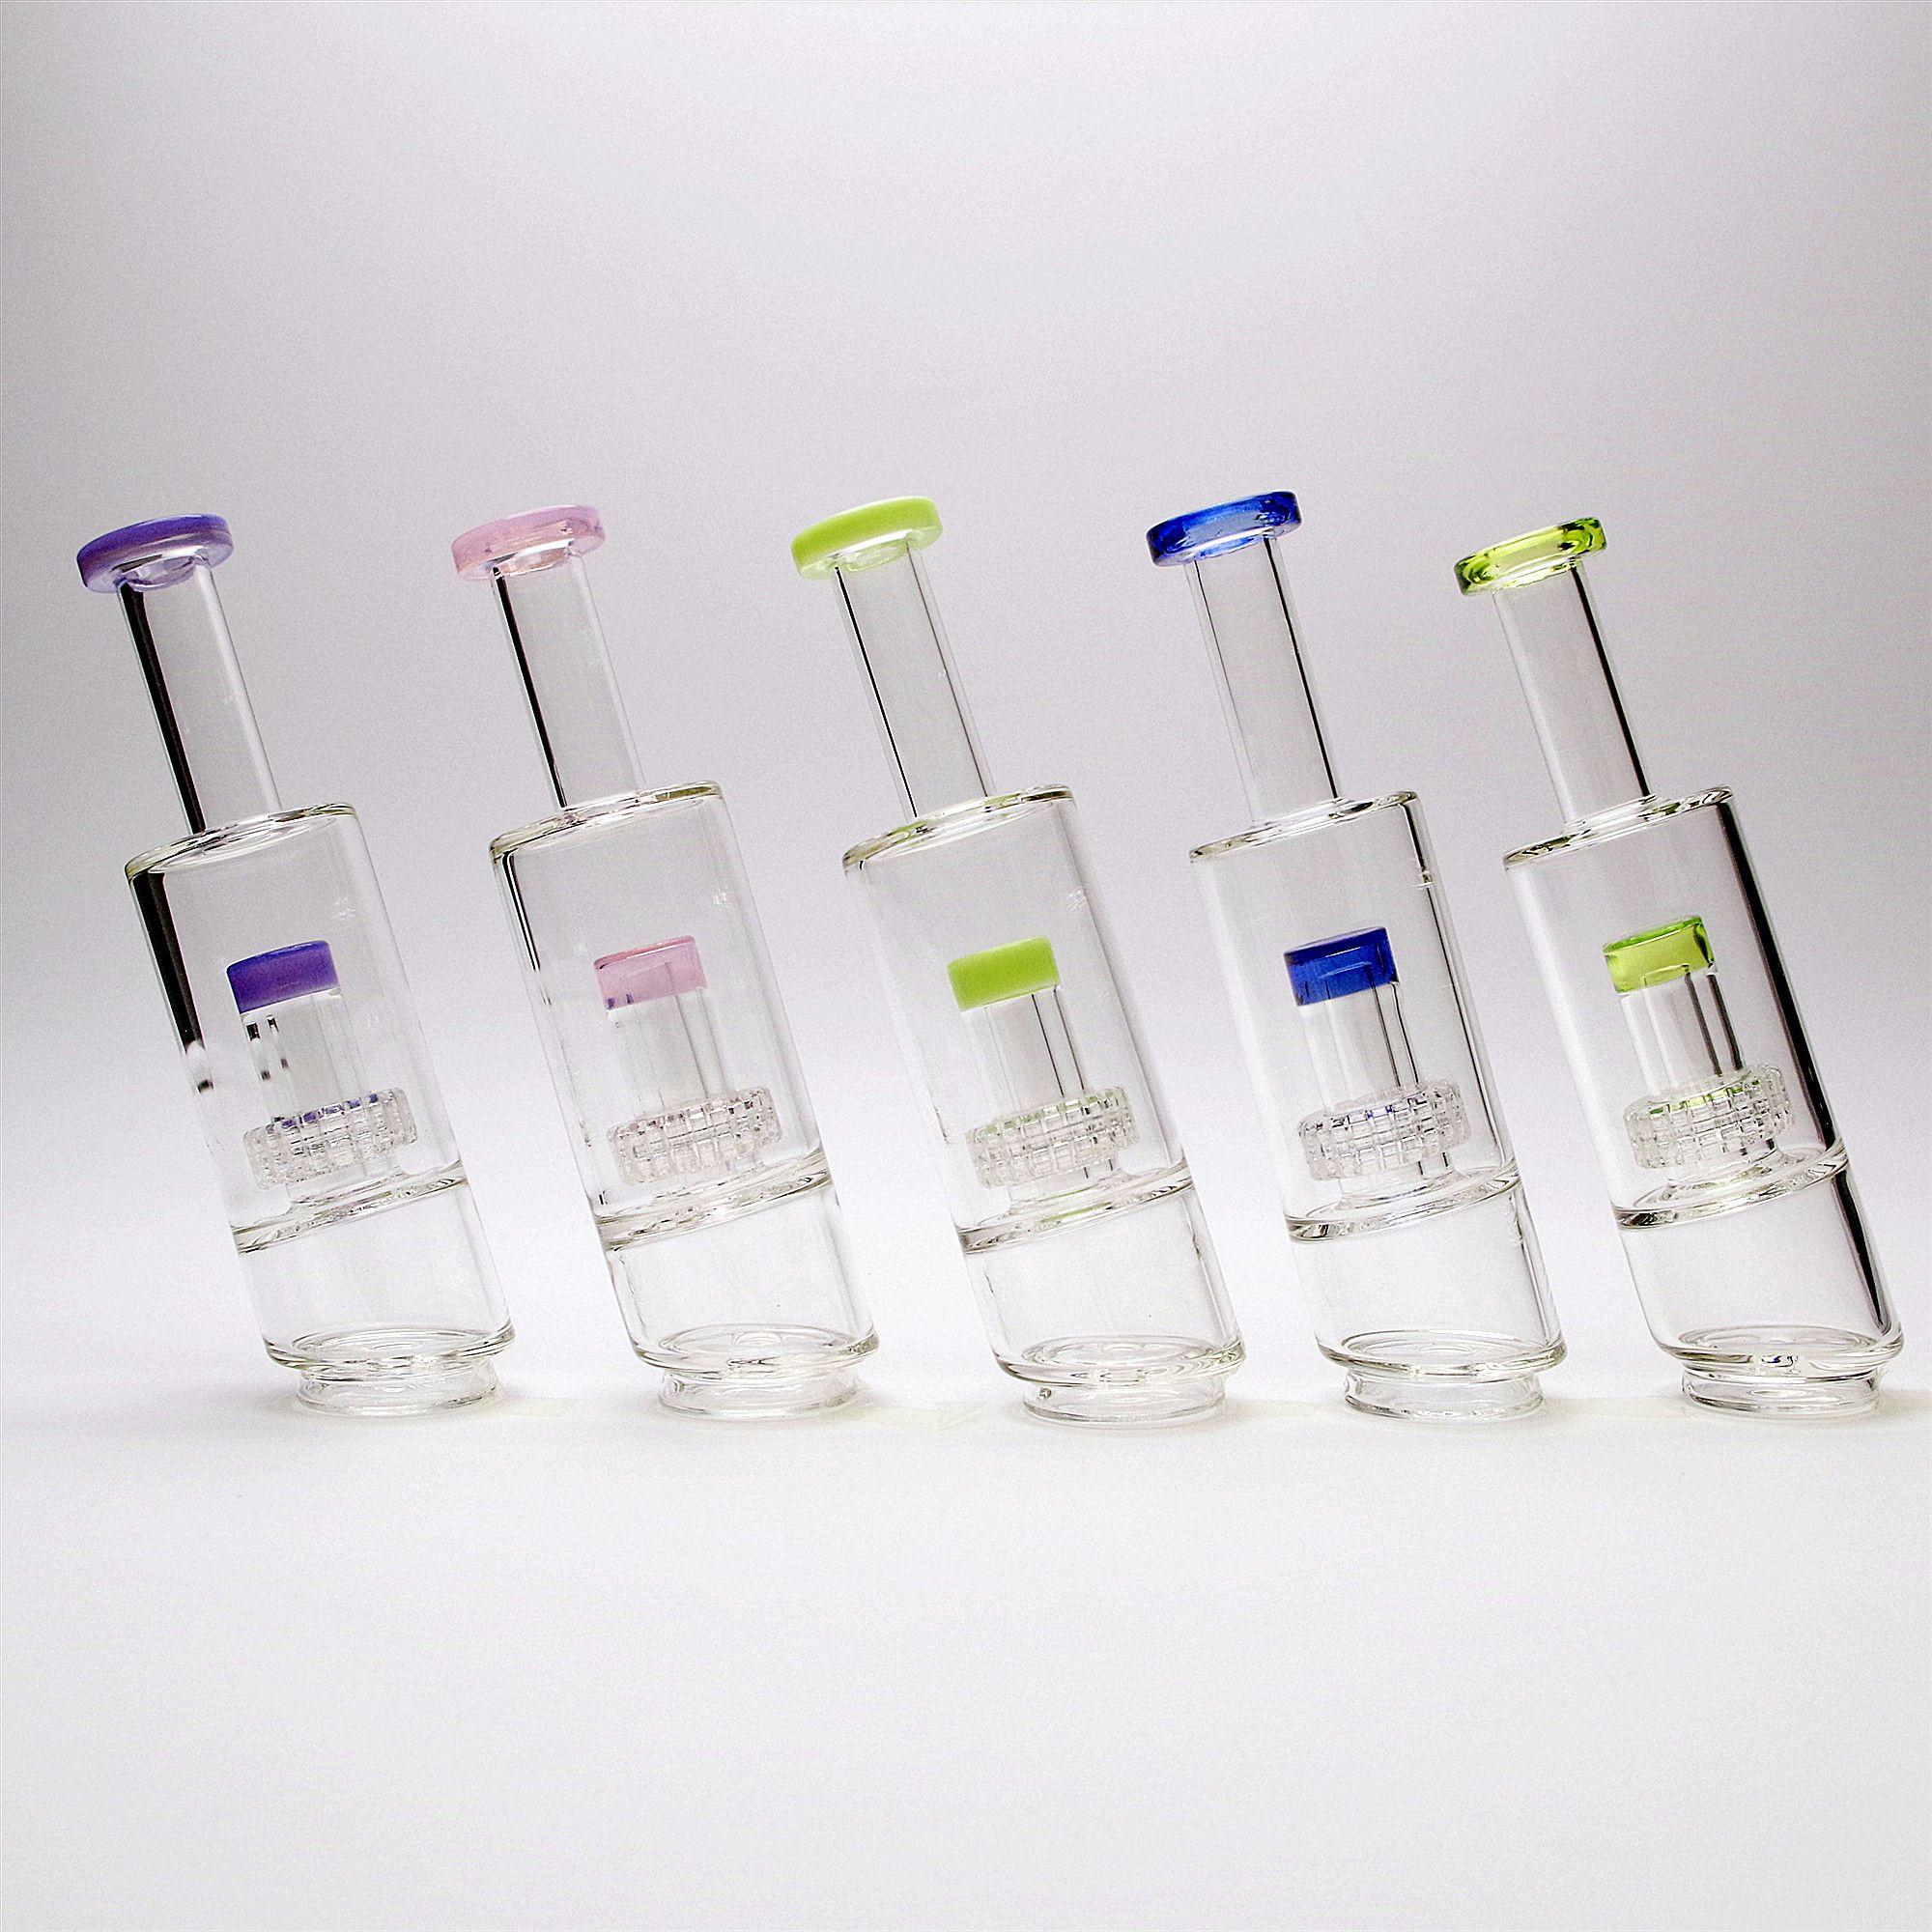 Acessórios de vidro acessórios de fumar tubos acessórios matrix percoladores bongos acessórios claros narguilhashs borda de cor tubulação de água 8 polegadas altura